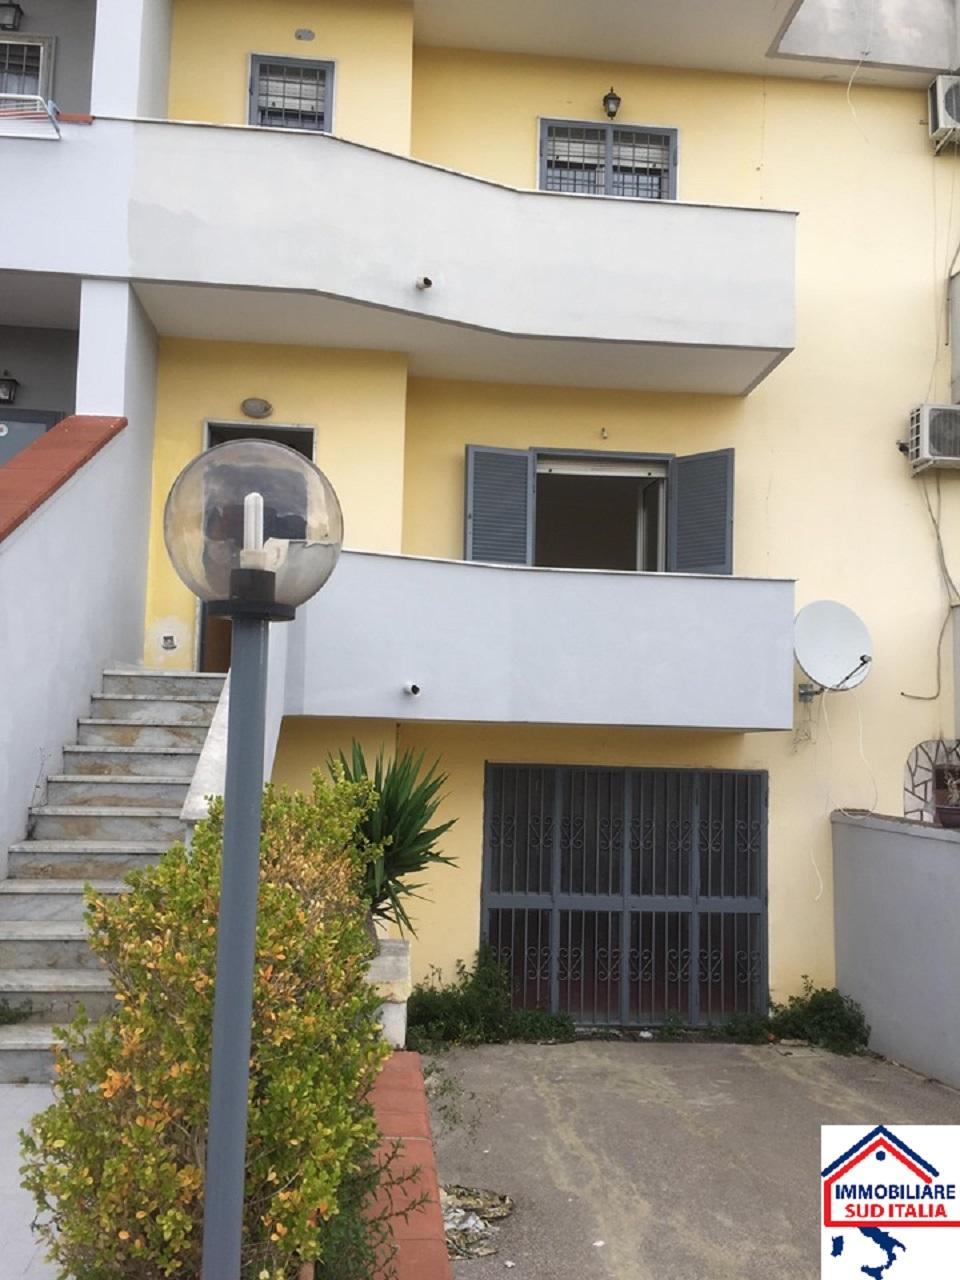 Villa a Schiera in affitto a Giugliano in Campania, 4 locali, zona Zona: Licola, prezzo € 600 | CambioCasa.it